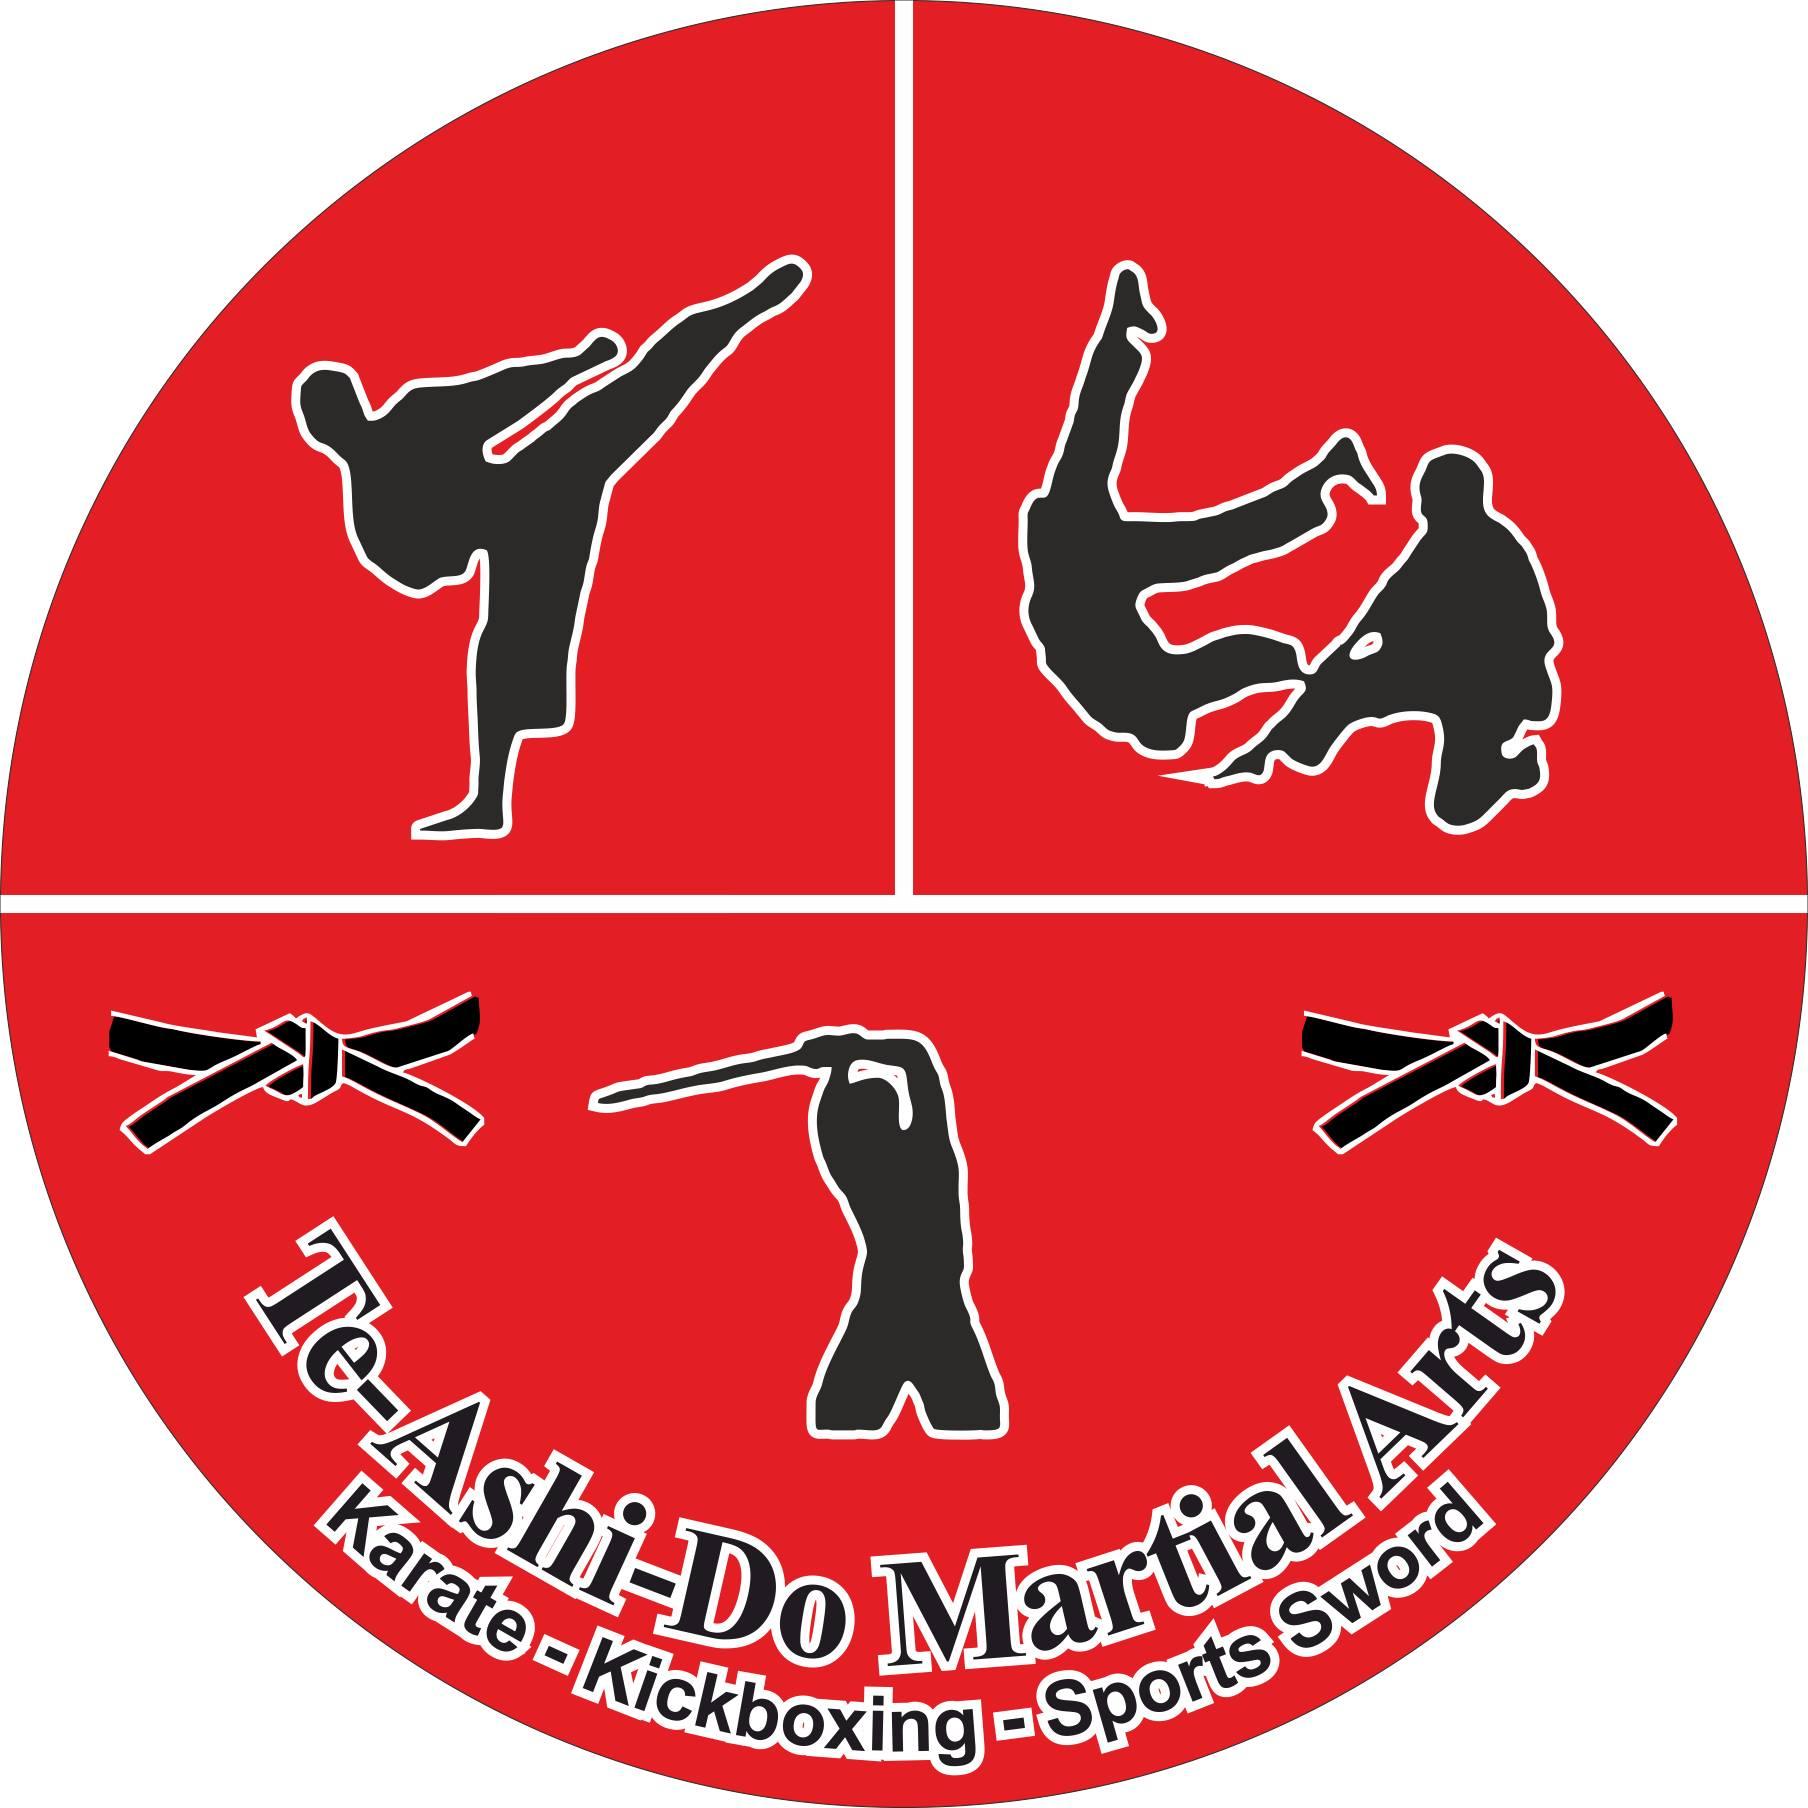 Te-Ashi-Do Martial Arts Online